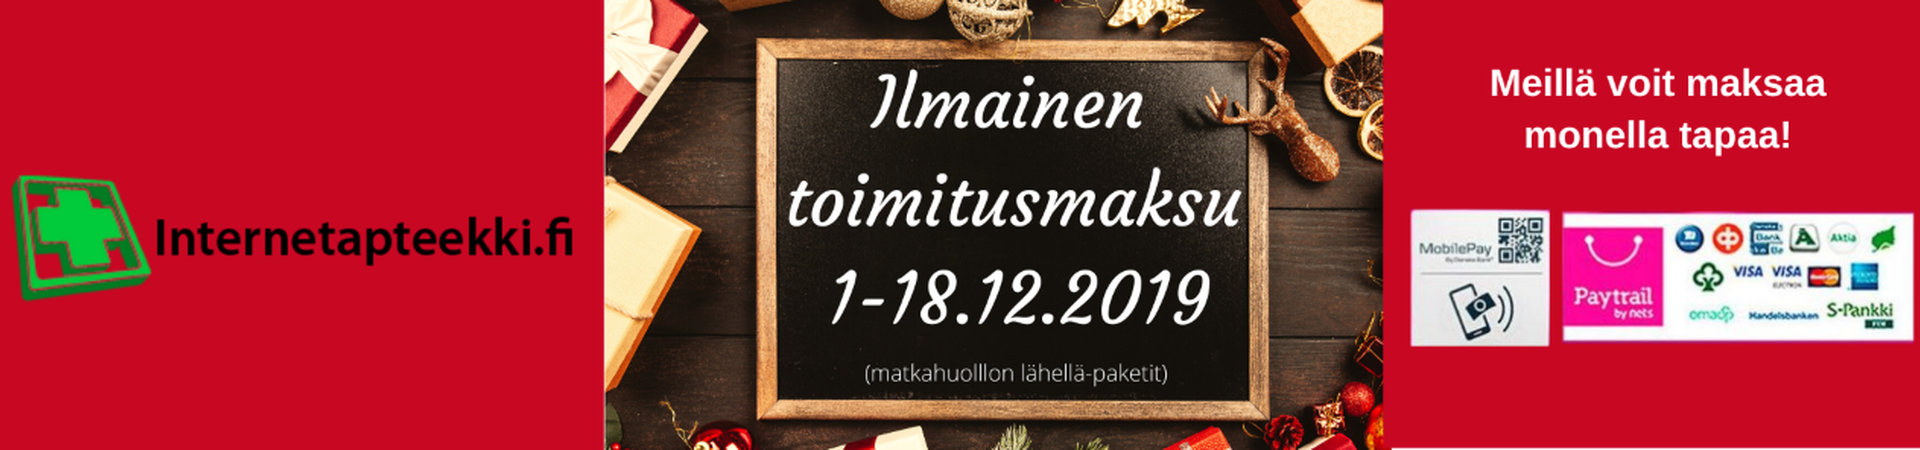 Internetapteekki joulubanneri 2019